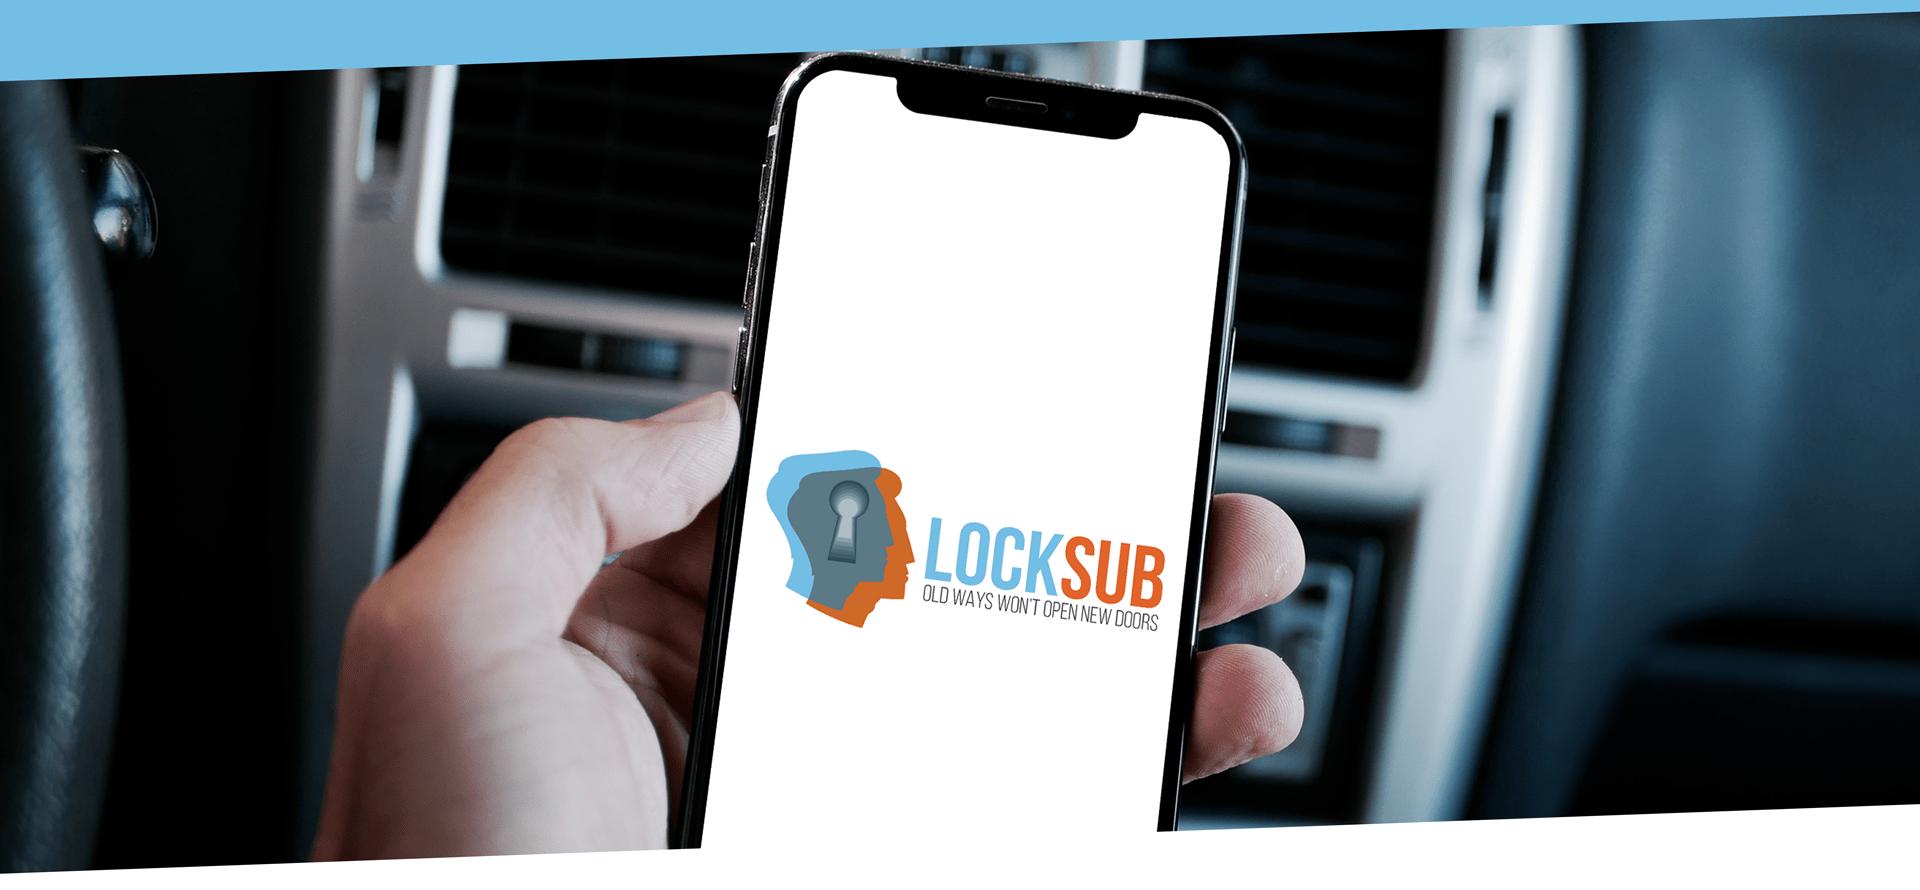 , LockSub updates